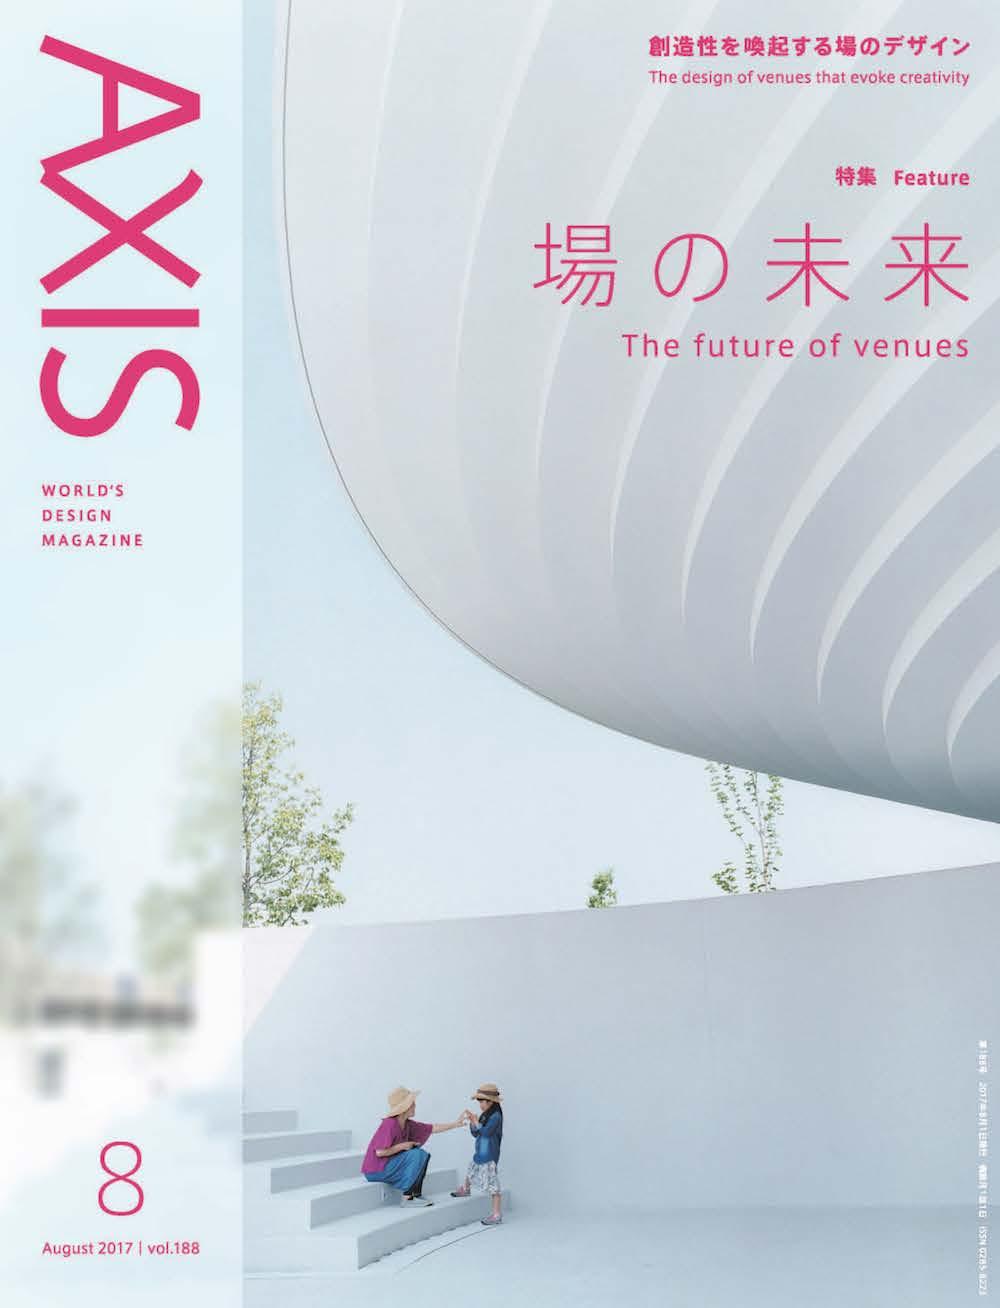 デザイン誌「AXIS」最新号(188号)好評発売中です!